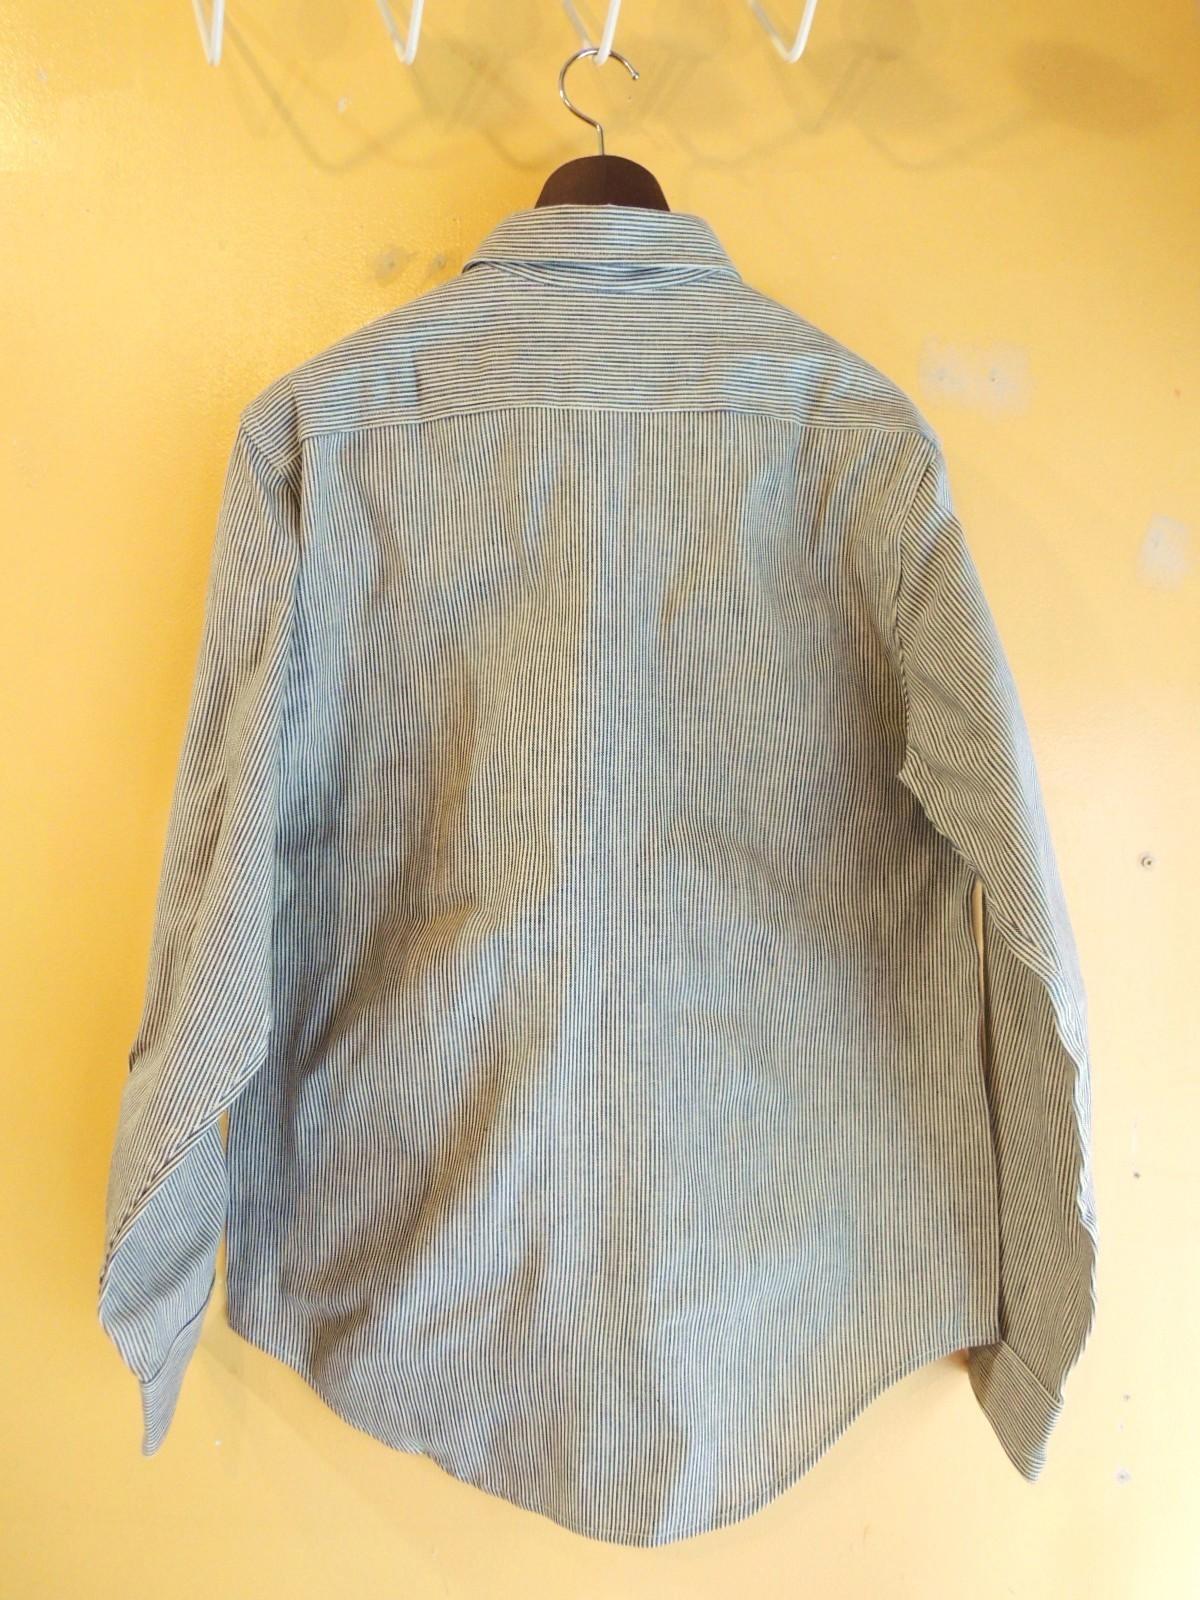 bicmachickoryworkshirts05.JPG